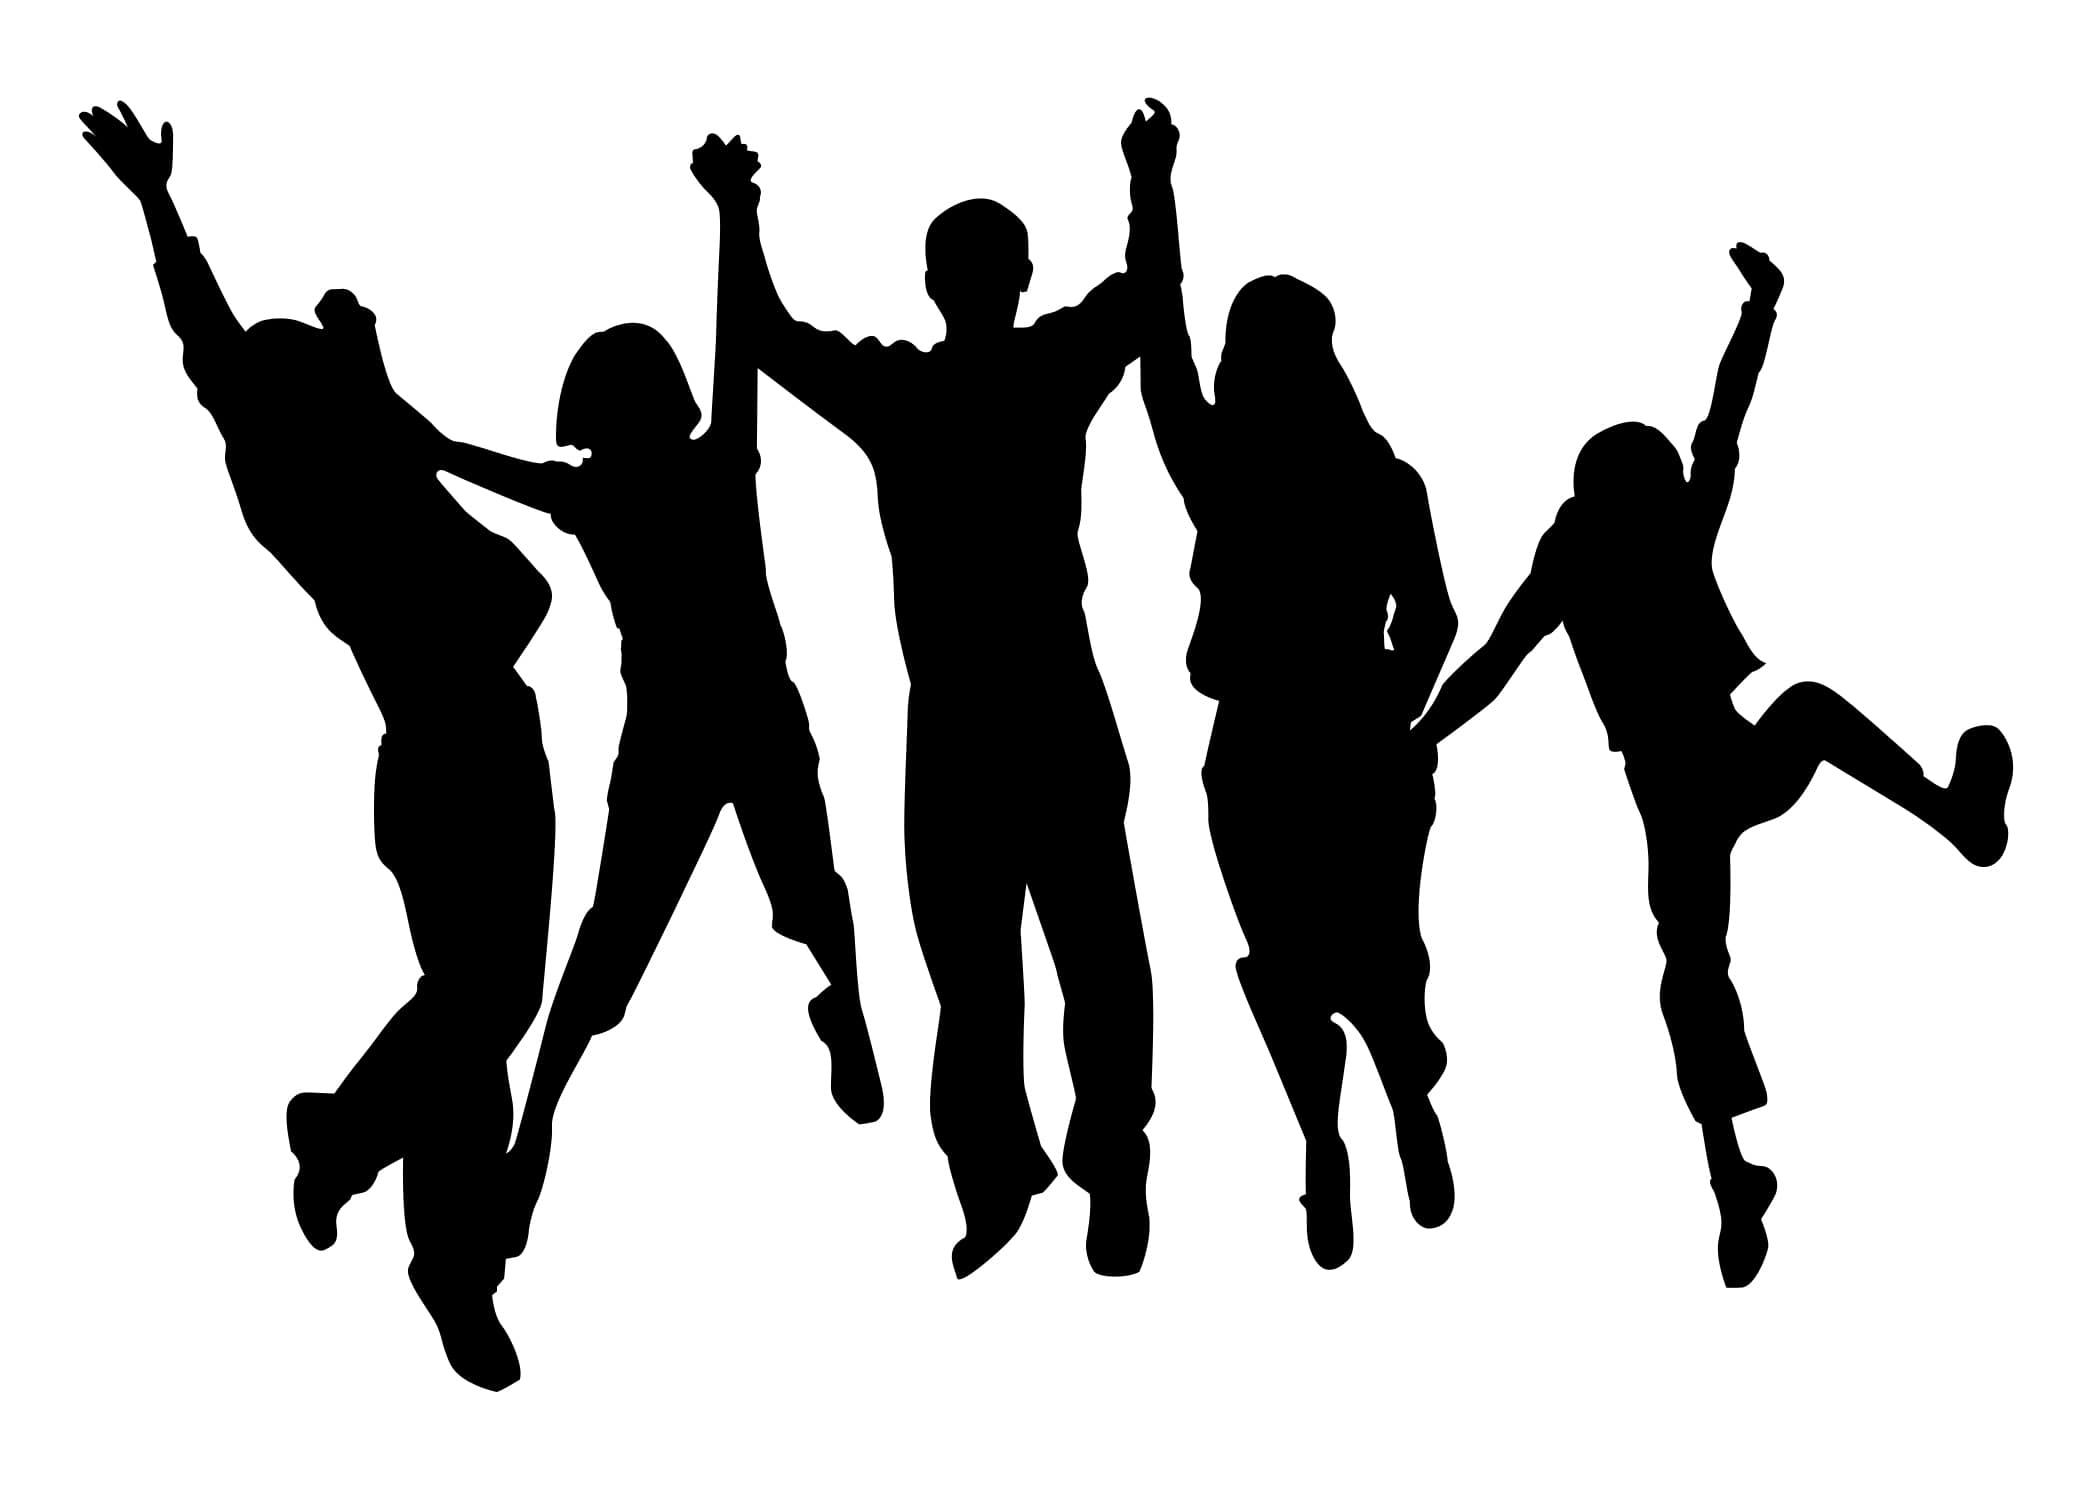 رقص و سلامت روحی و جسمی